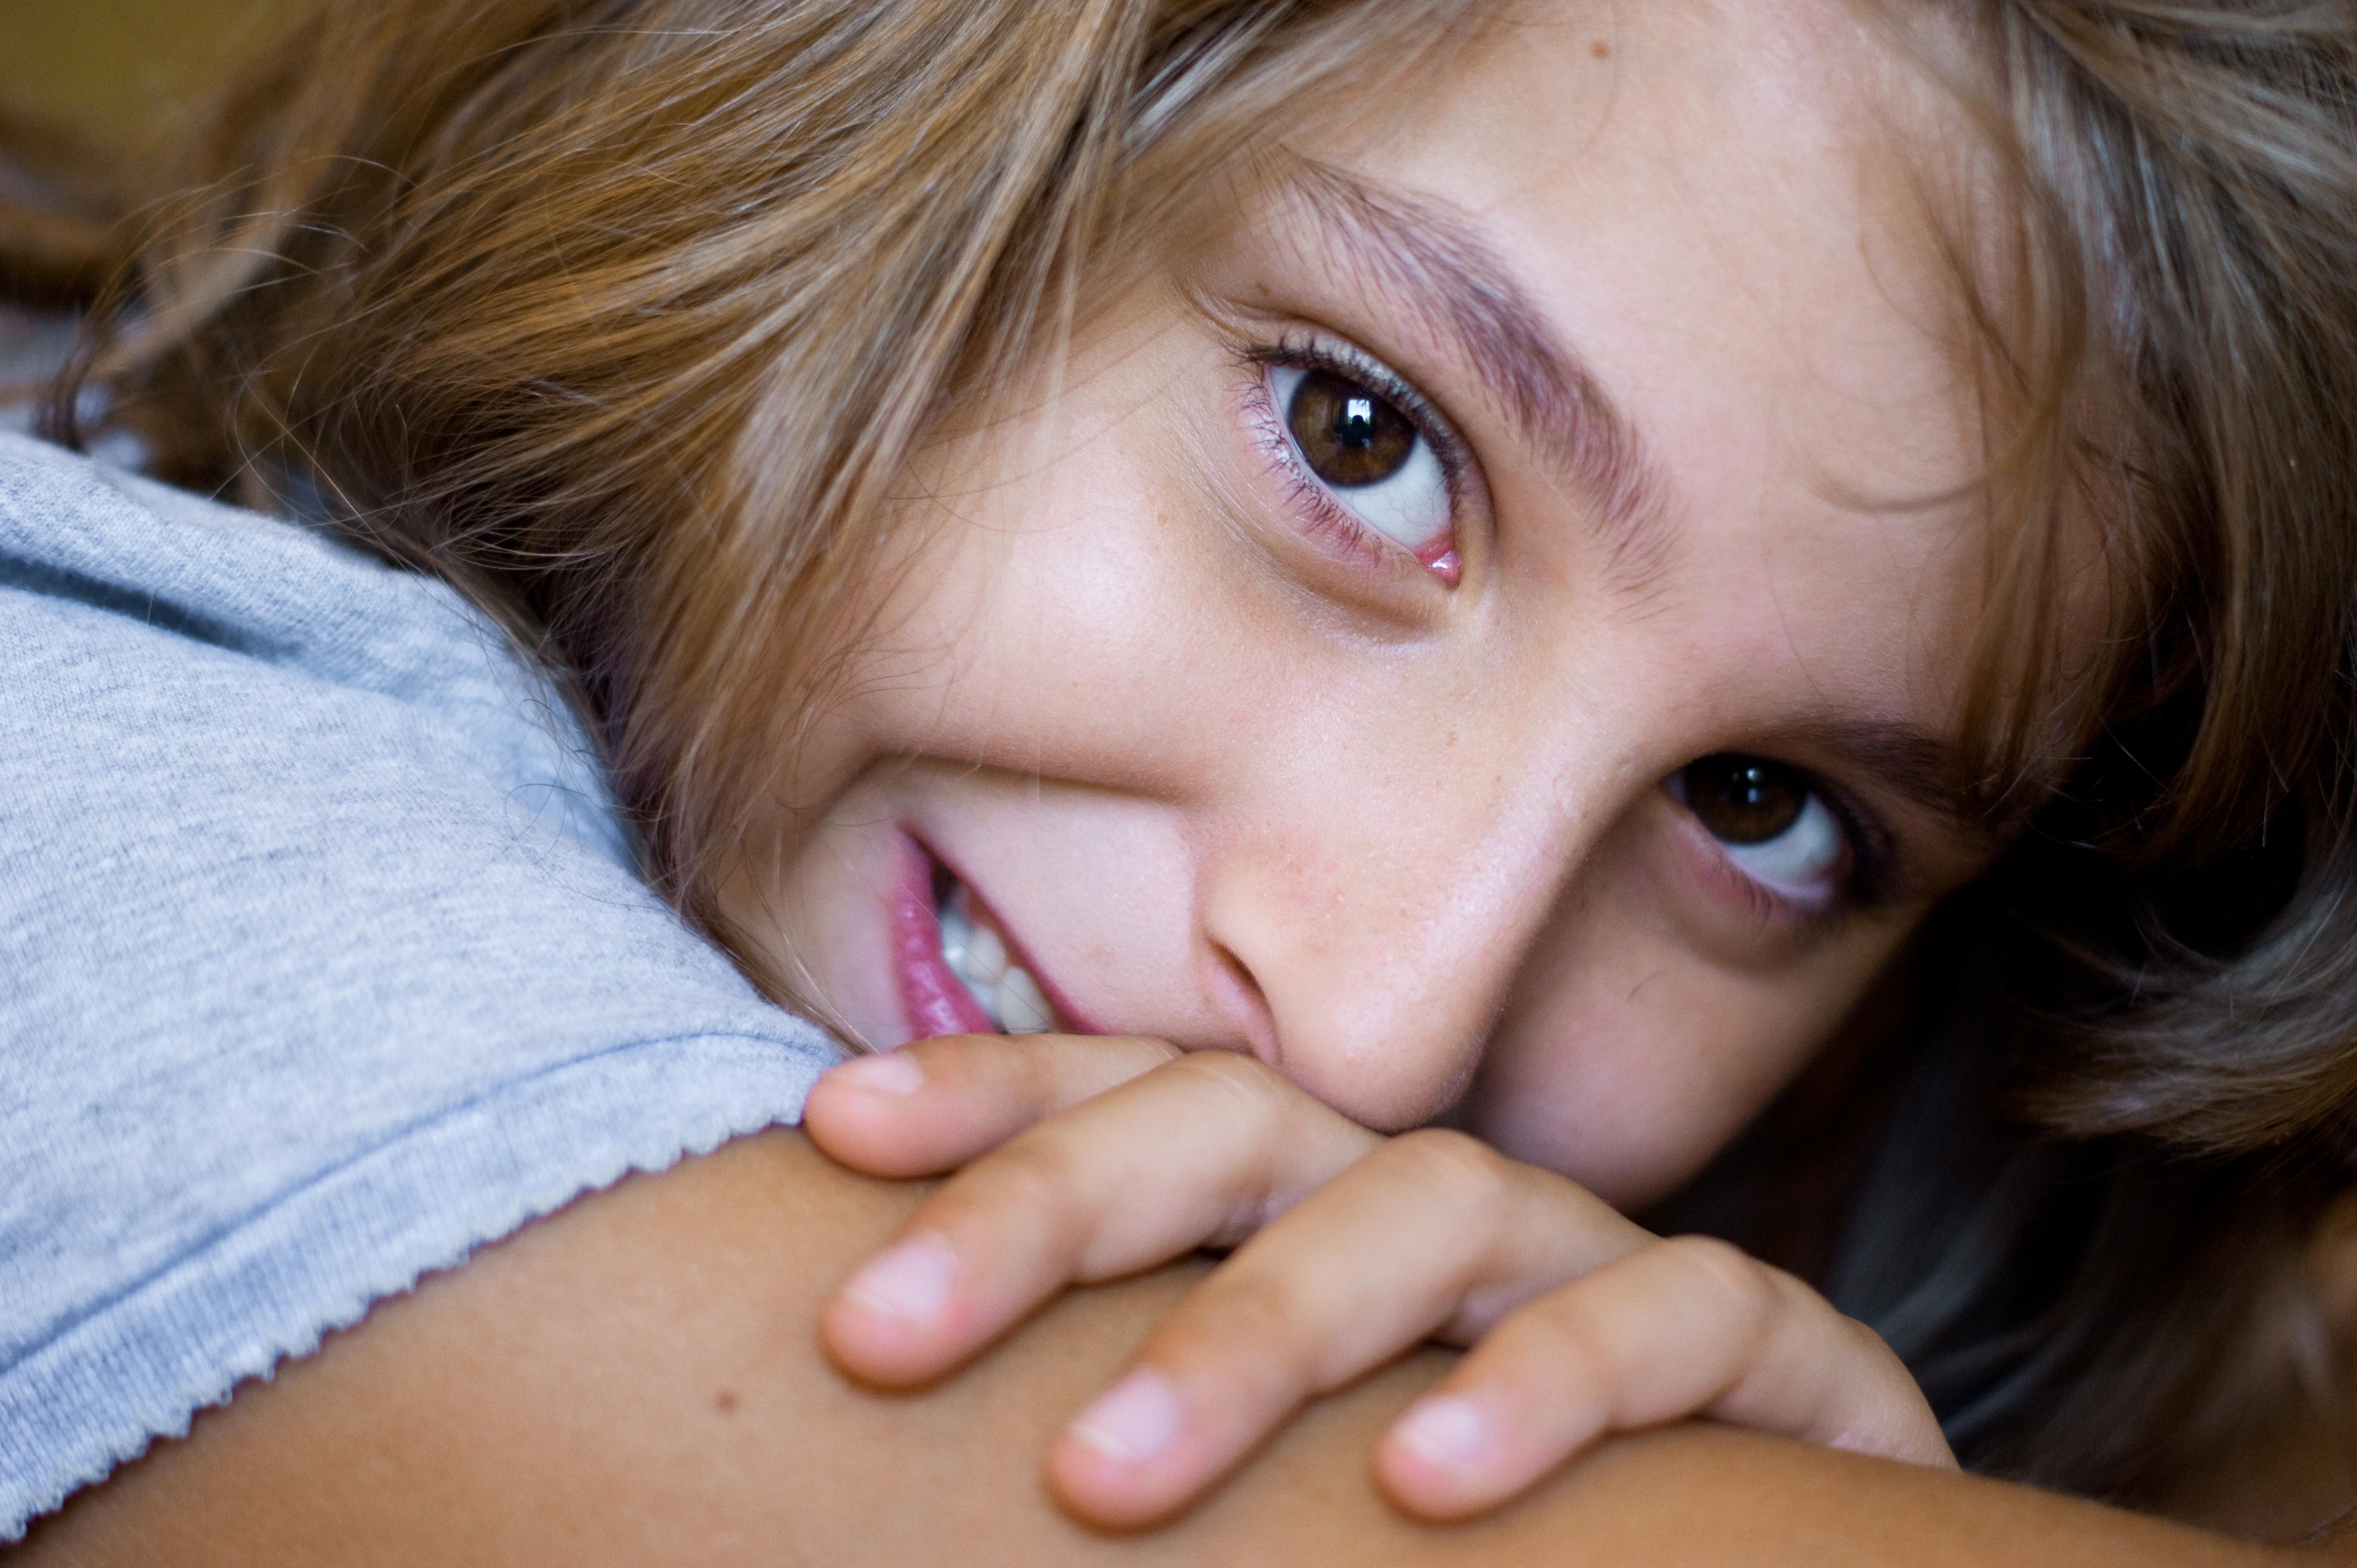 Целка фото рвут, Парень рвет целку молодой девственнице » Порно фото 25 фотография